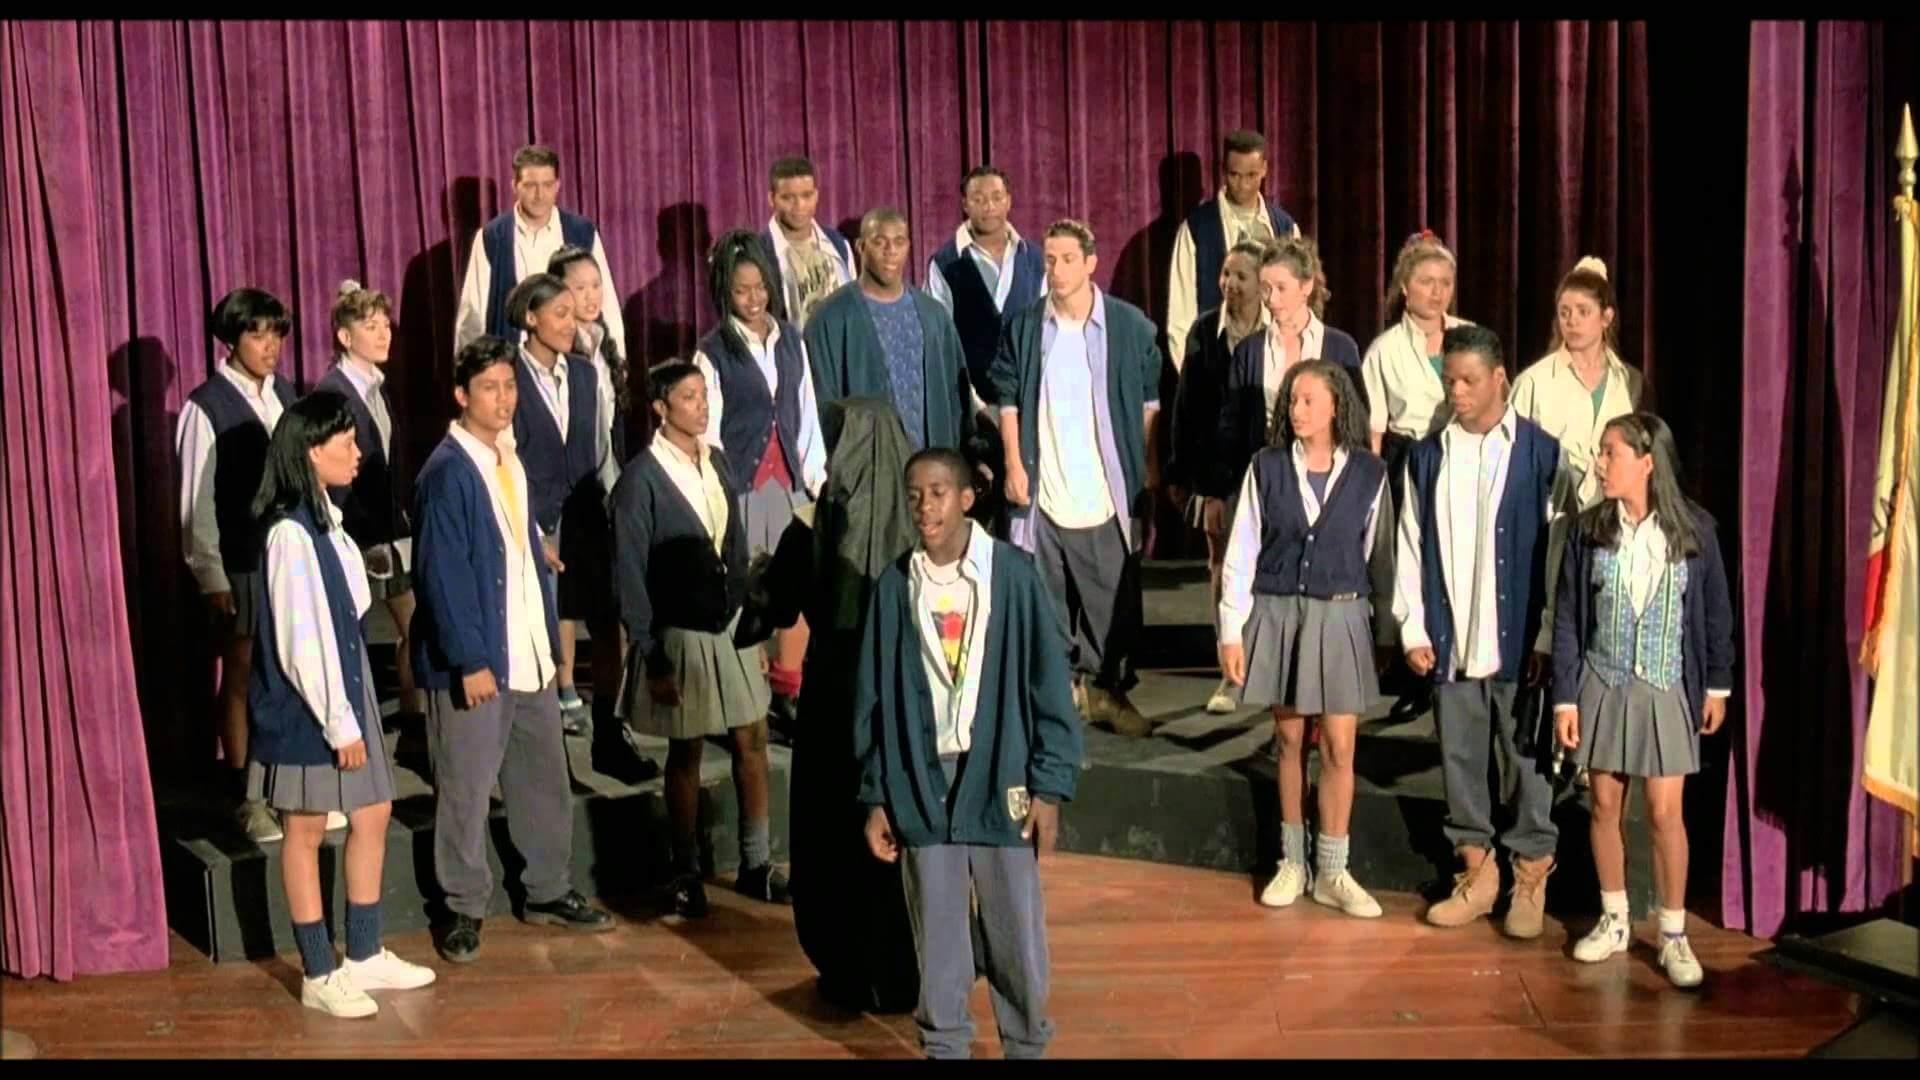 Sister Act 2 cast, attori e personaggi del film stasera 19 agosto ...